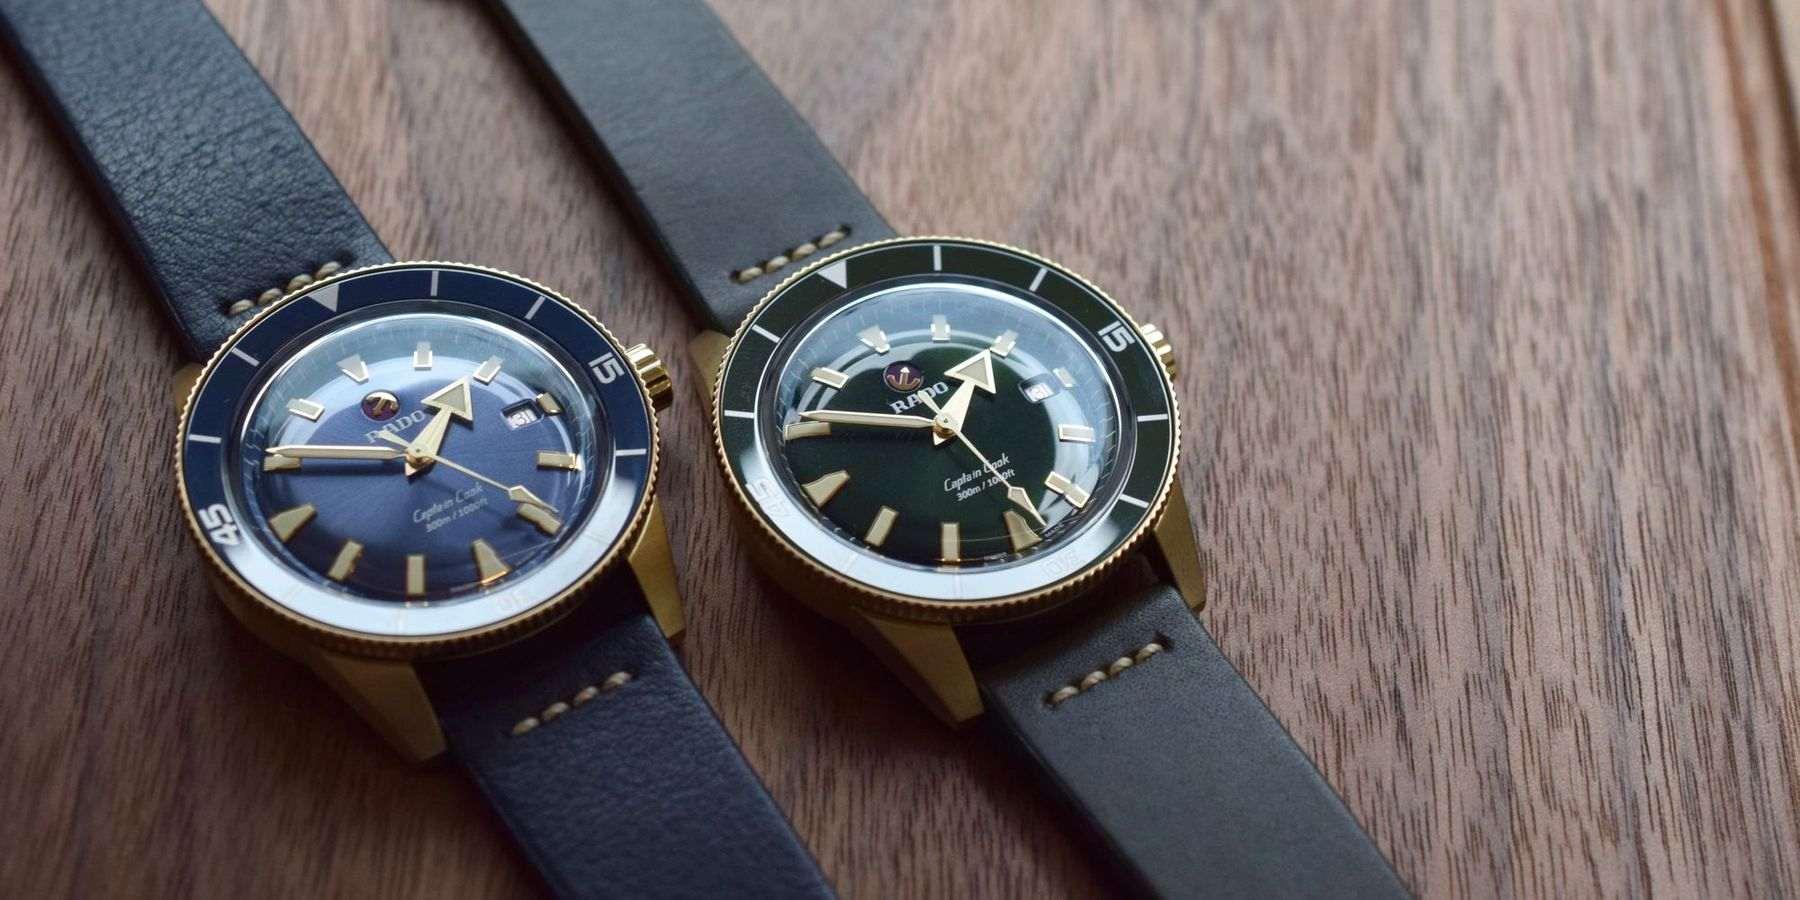 【2020線上錶展】Rado全新Captain Cook青銅腕錶